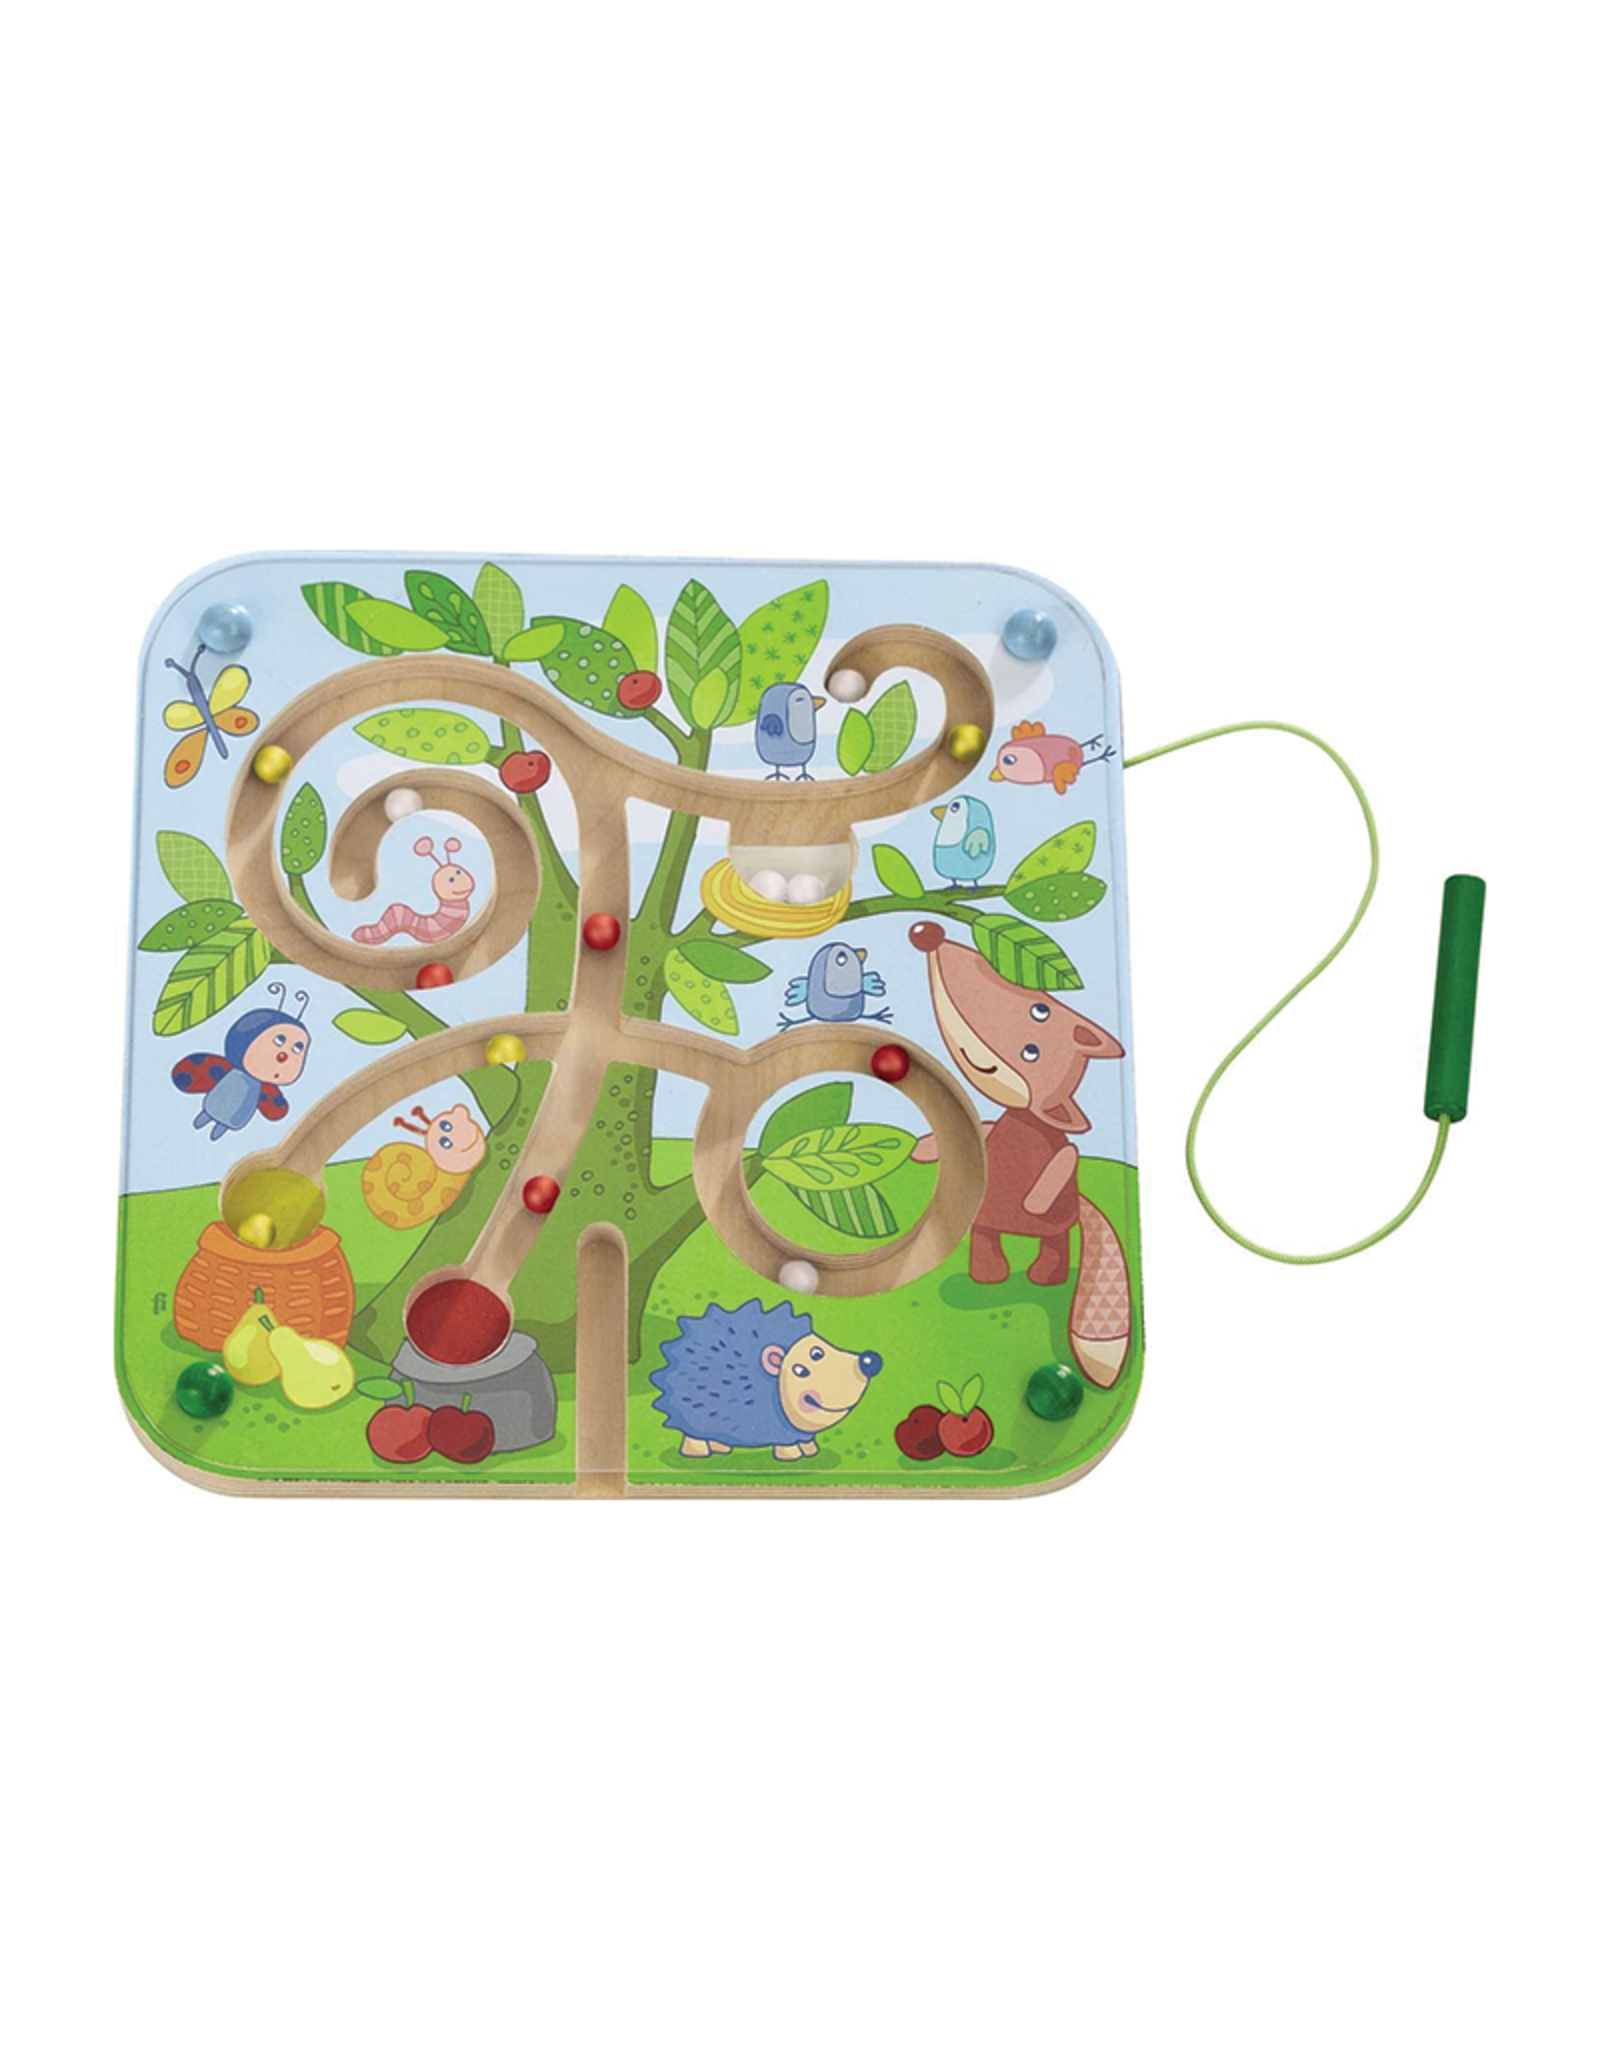 Haba Haba Tree Maze Magnetic Game